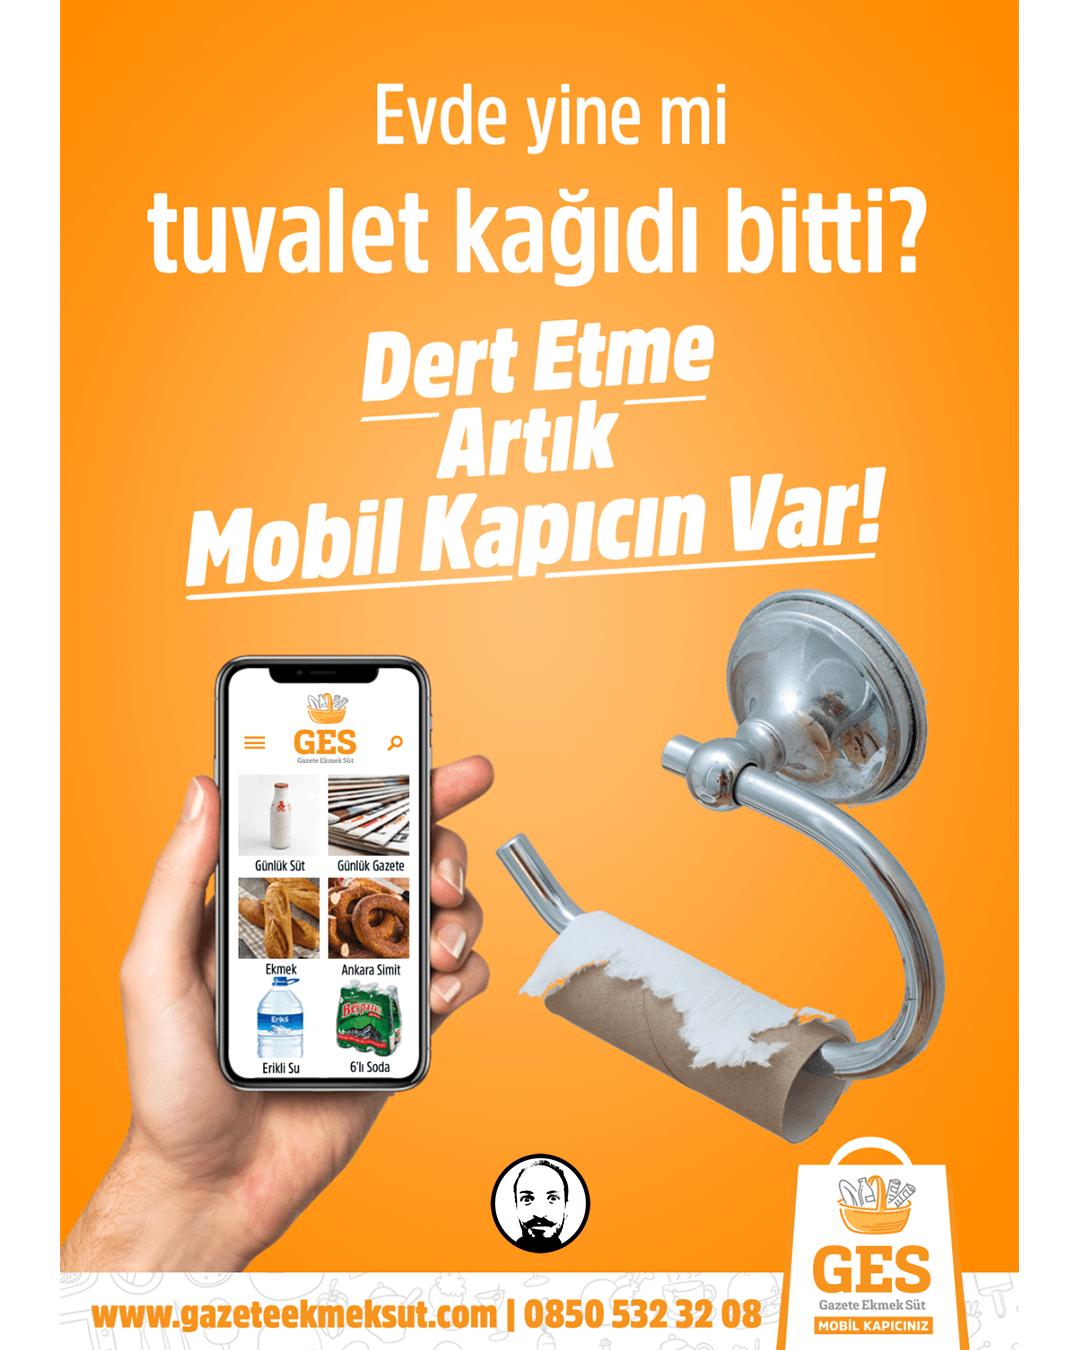 tuvalet kağıdı reklam